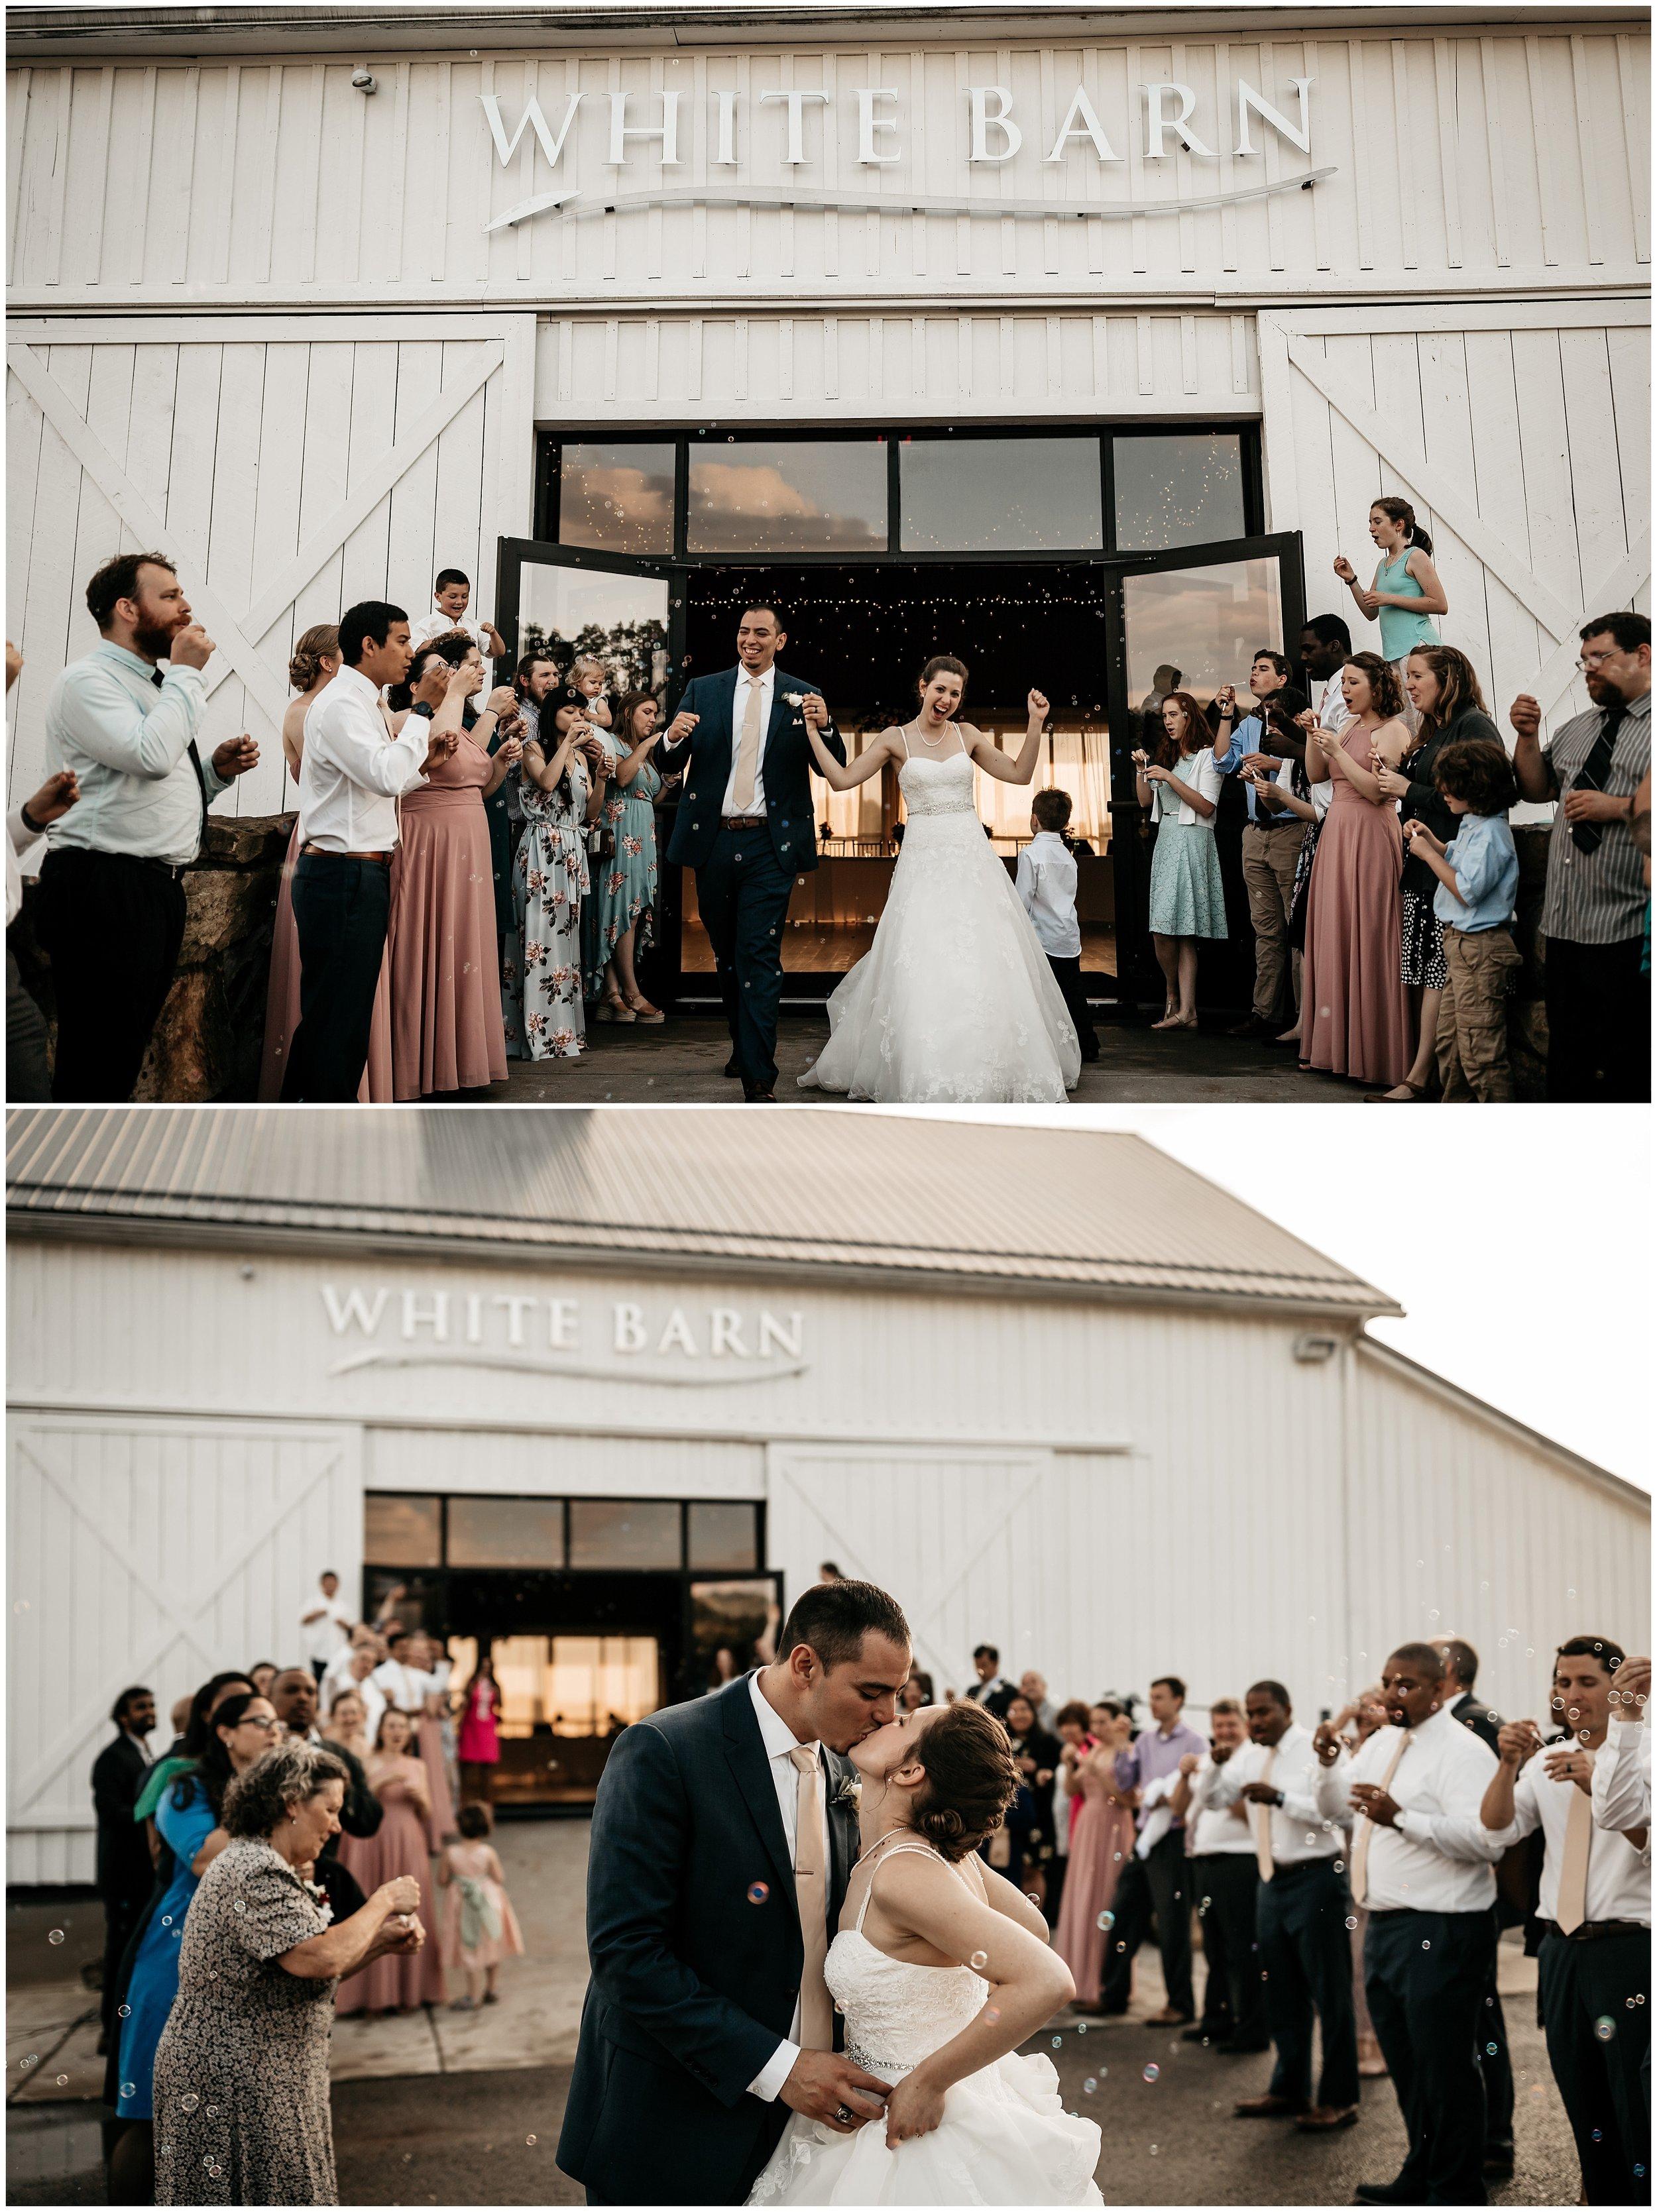 whitebarnprospectweddingphotos_0028.jpg